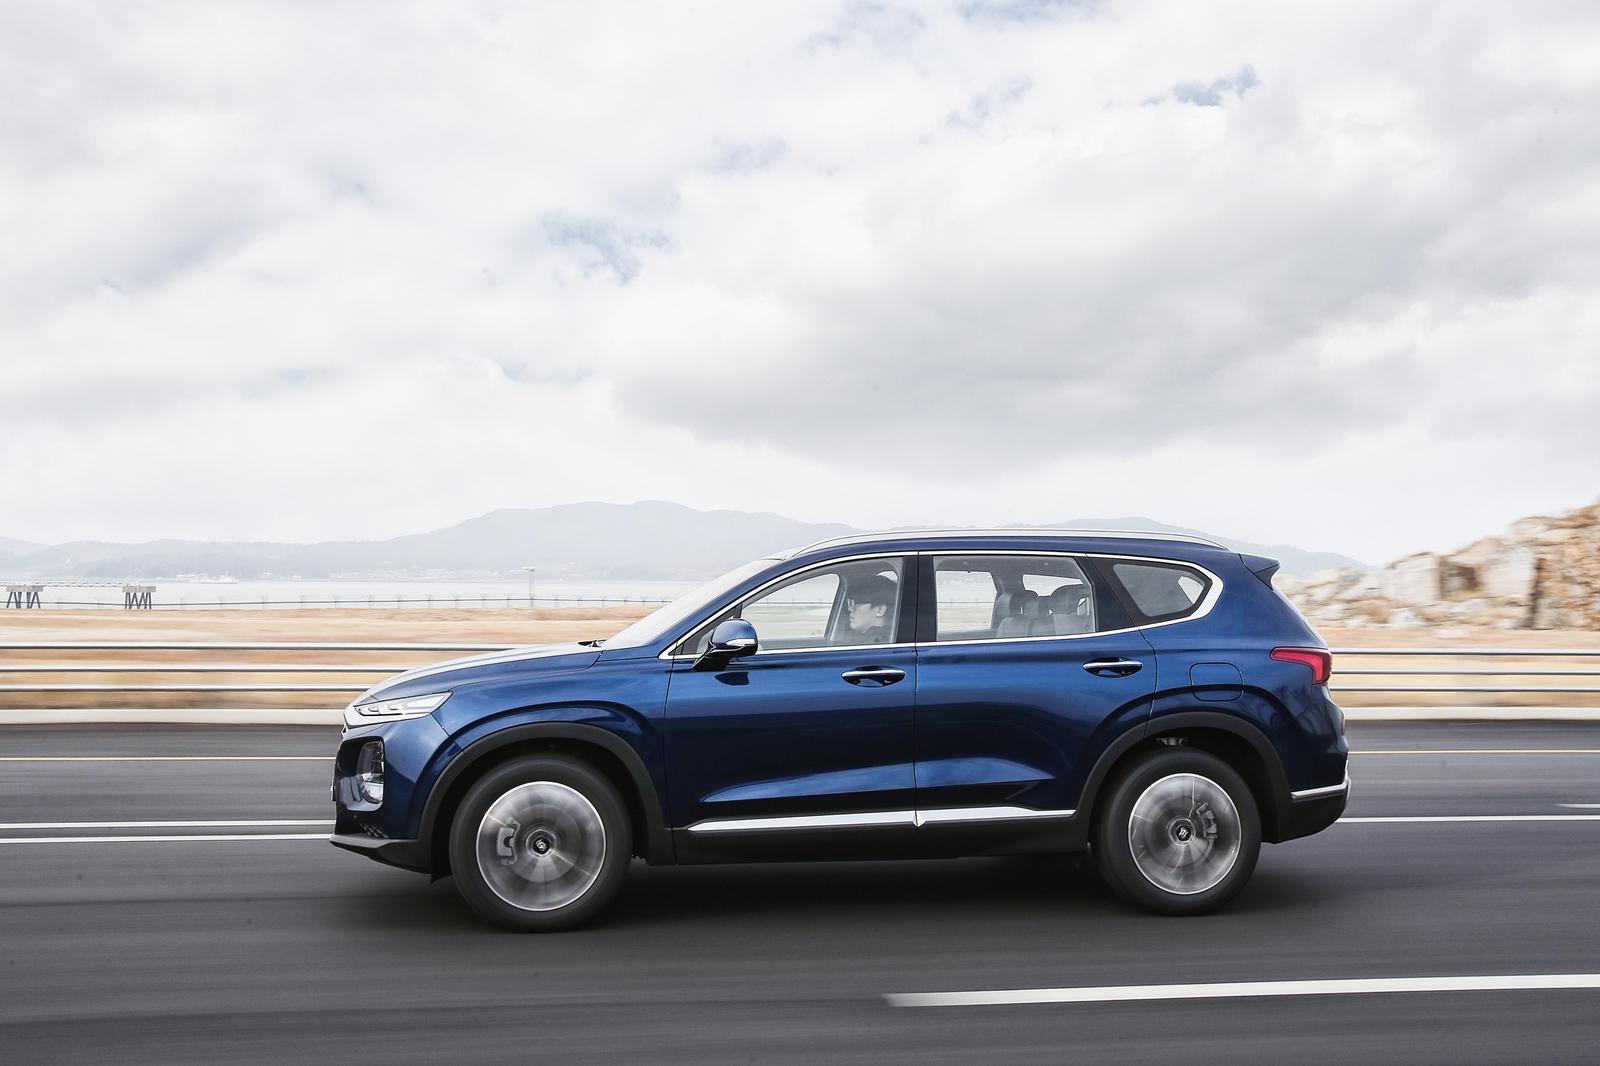 Đánh giá chi tiết giá bán của Hyundai Santa Fe 2020